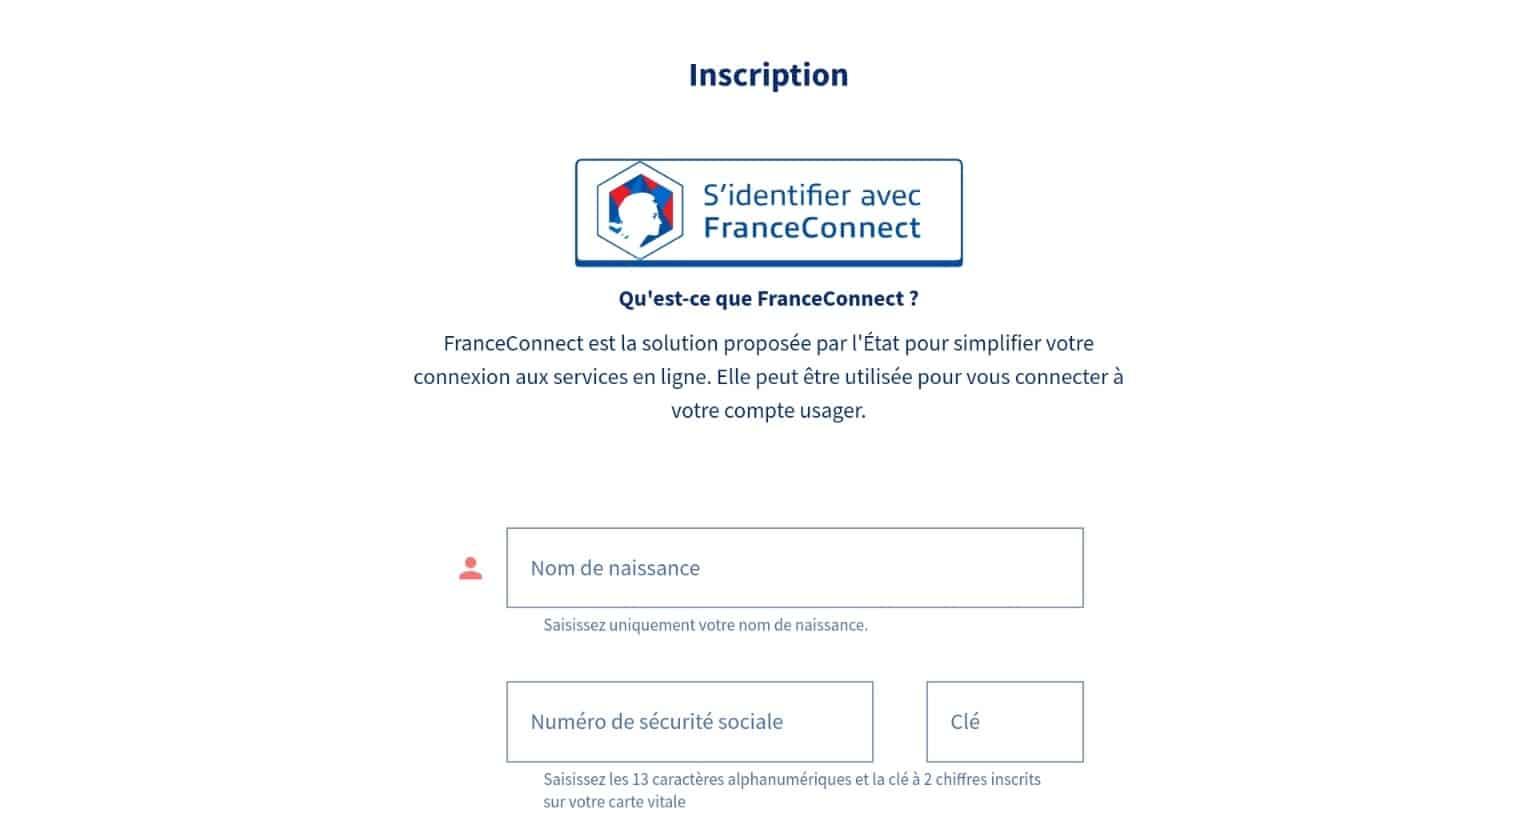 S'identifier avec France Connect